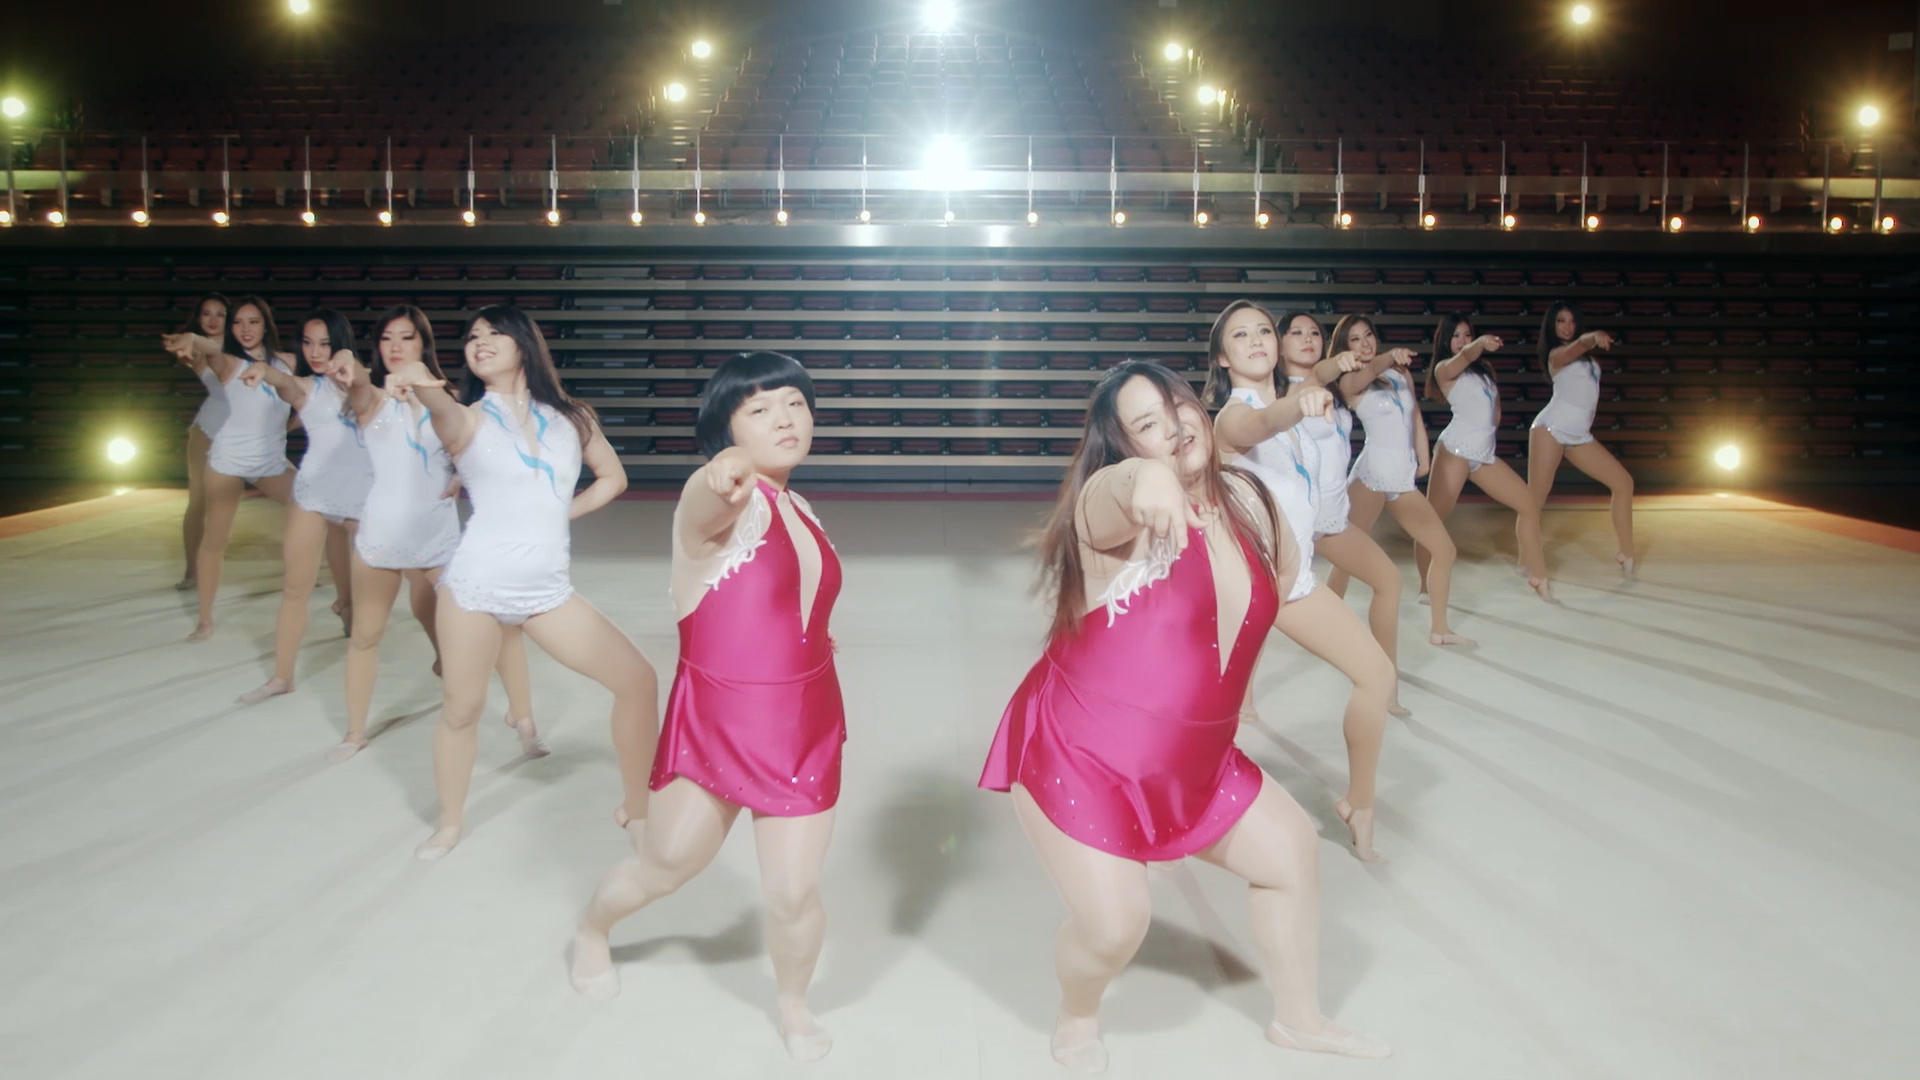 Sony Music Labels Inc.<br>フィフス・ハーモニー「ザッツ・マイ・ガール feat. おかずクラブ」